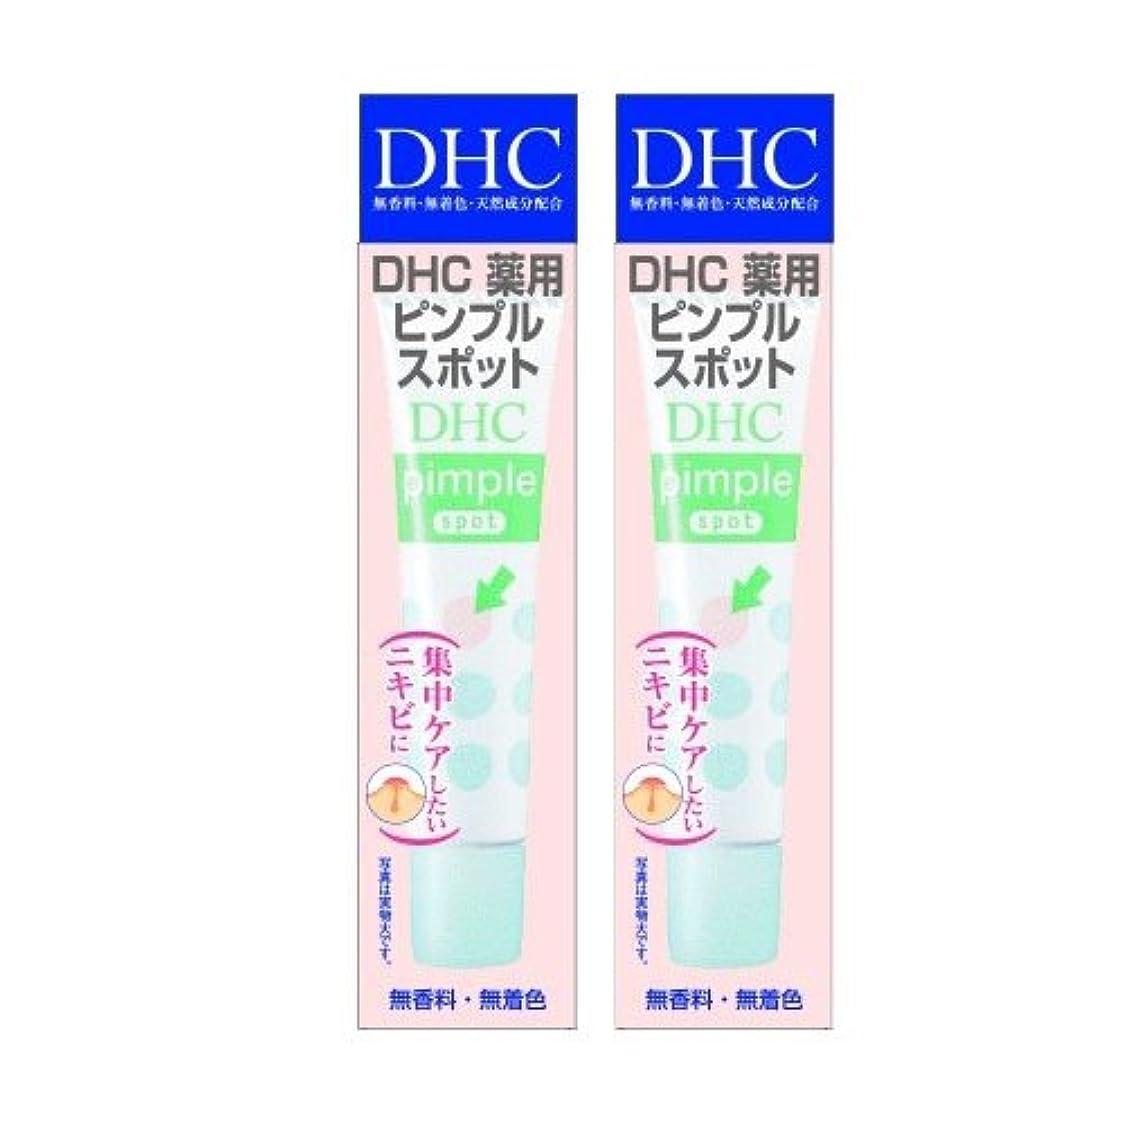 代替抑圧者ステップ【セット品】DHC 薬用ピンプルスポット 15ml 2個セット